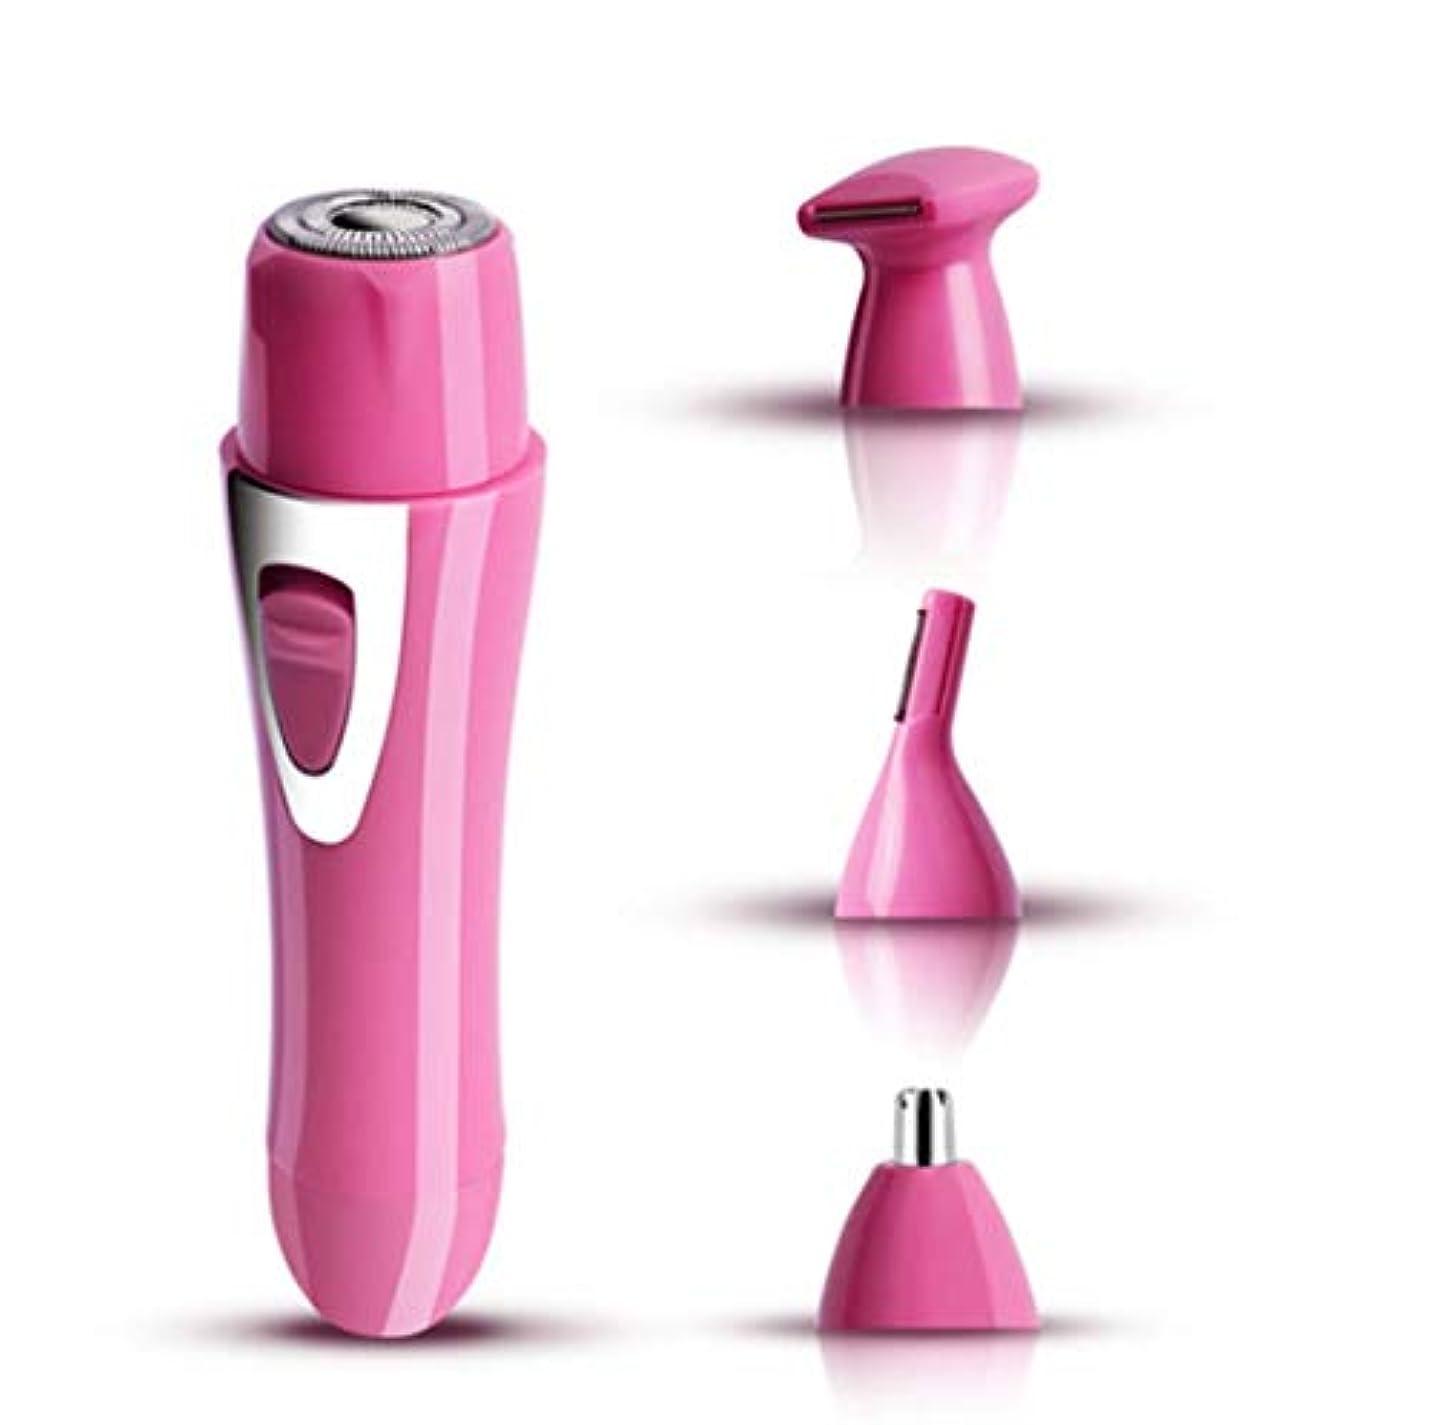 幅急勾配の邪魔レディースシェーバー 電動 フェイスシェーバー 脱毛器 女性 顔剃り (ピンク)